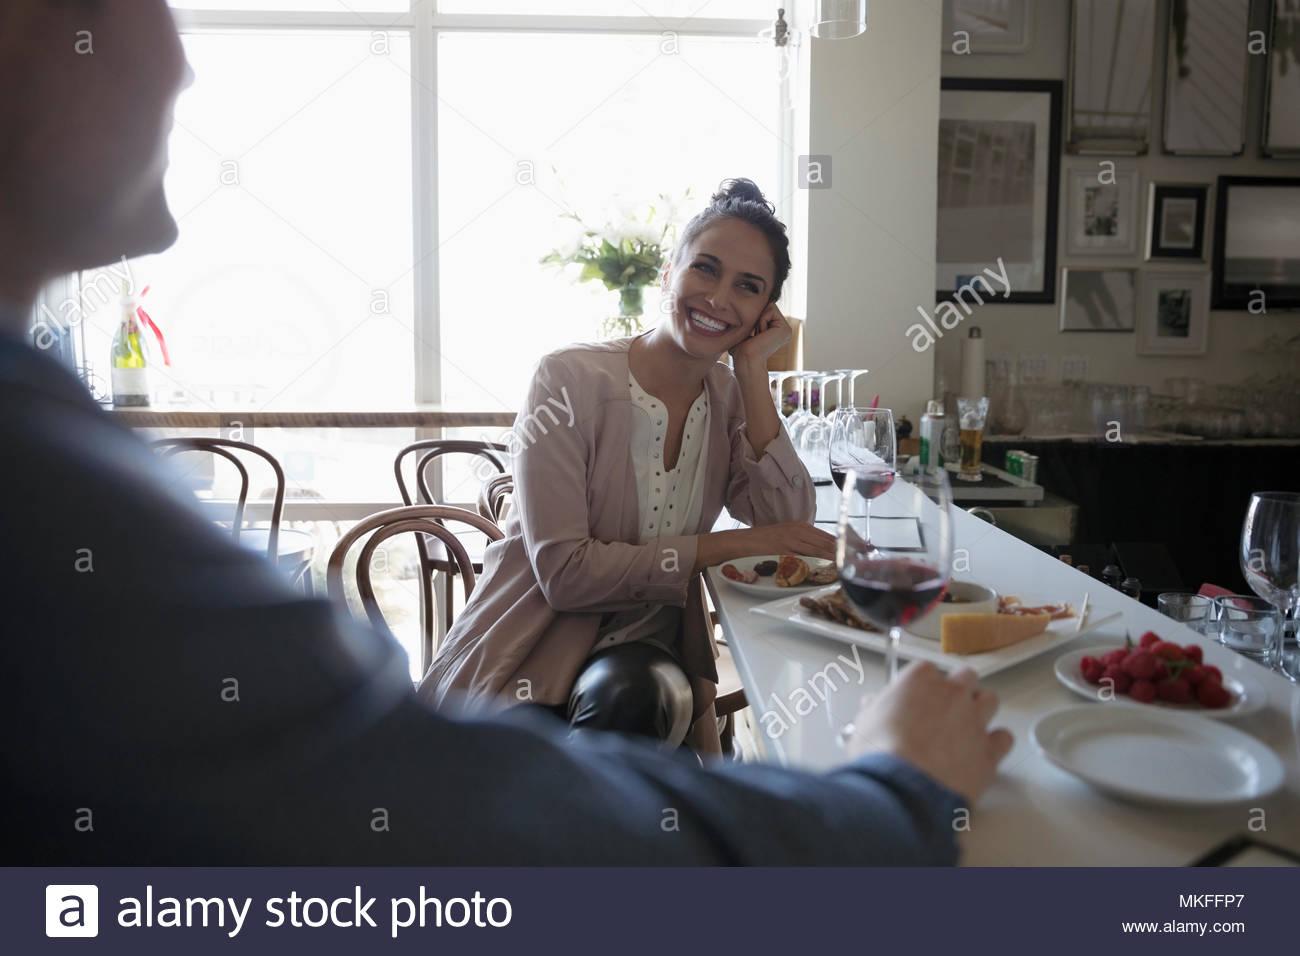 Smiling woman enjoying date at bar - Stock Image